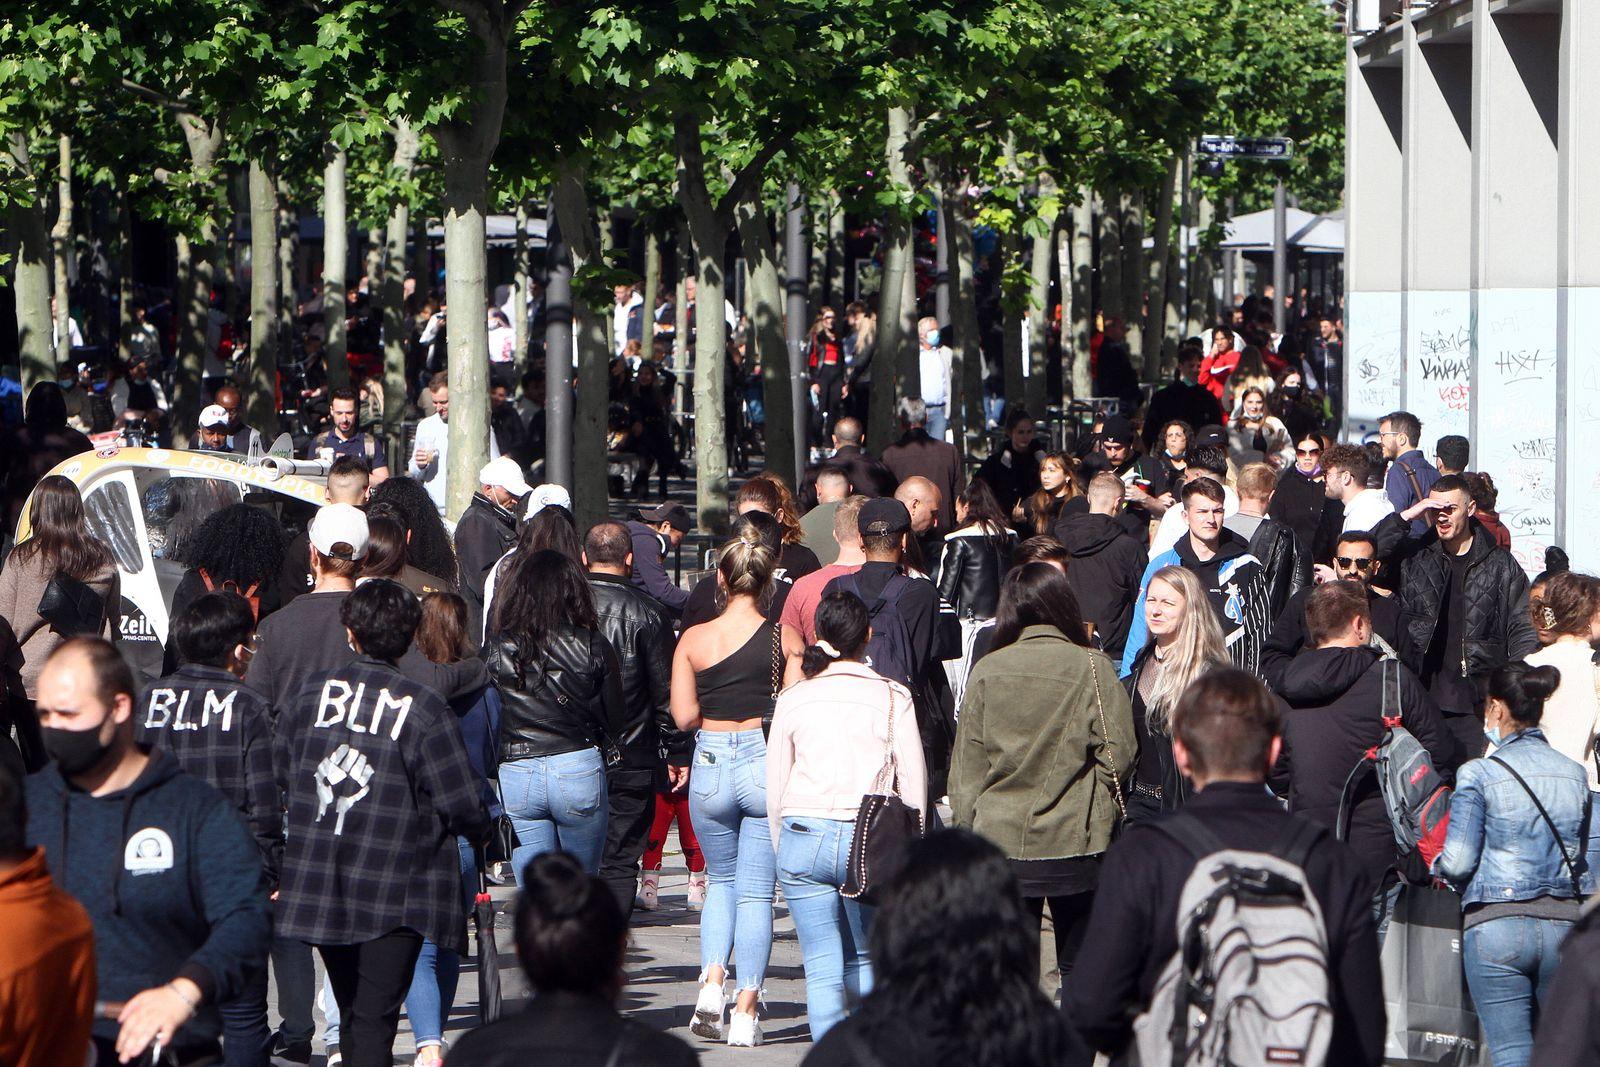 Nach der Lockerung der Schutzmaßnahmen und Wiedereröffnung der Geschäfte sieht die Einkaufsstraße und Fußgängerzone Zeil